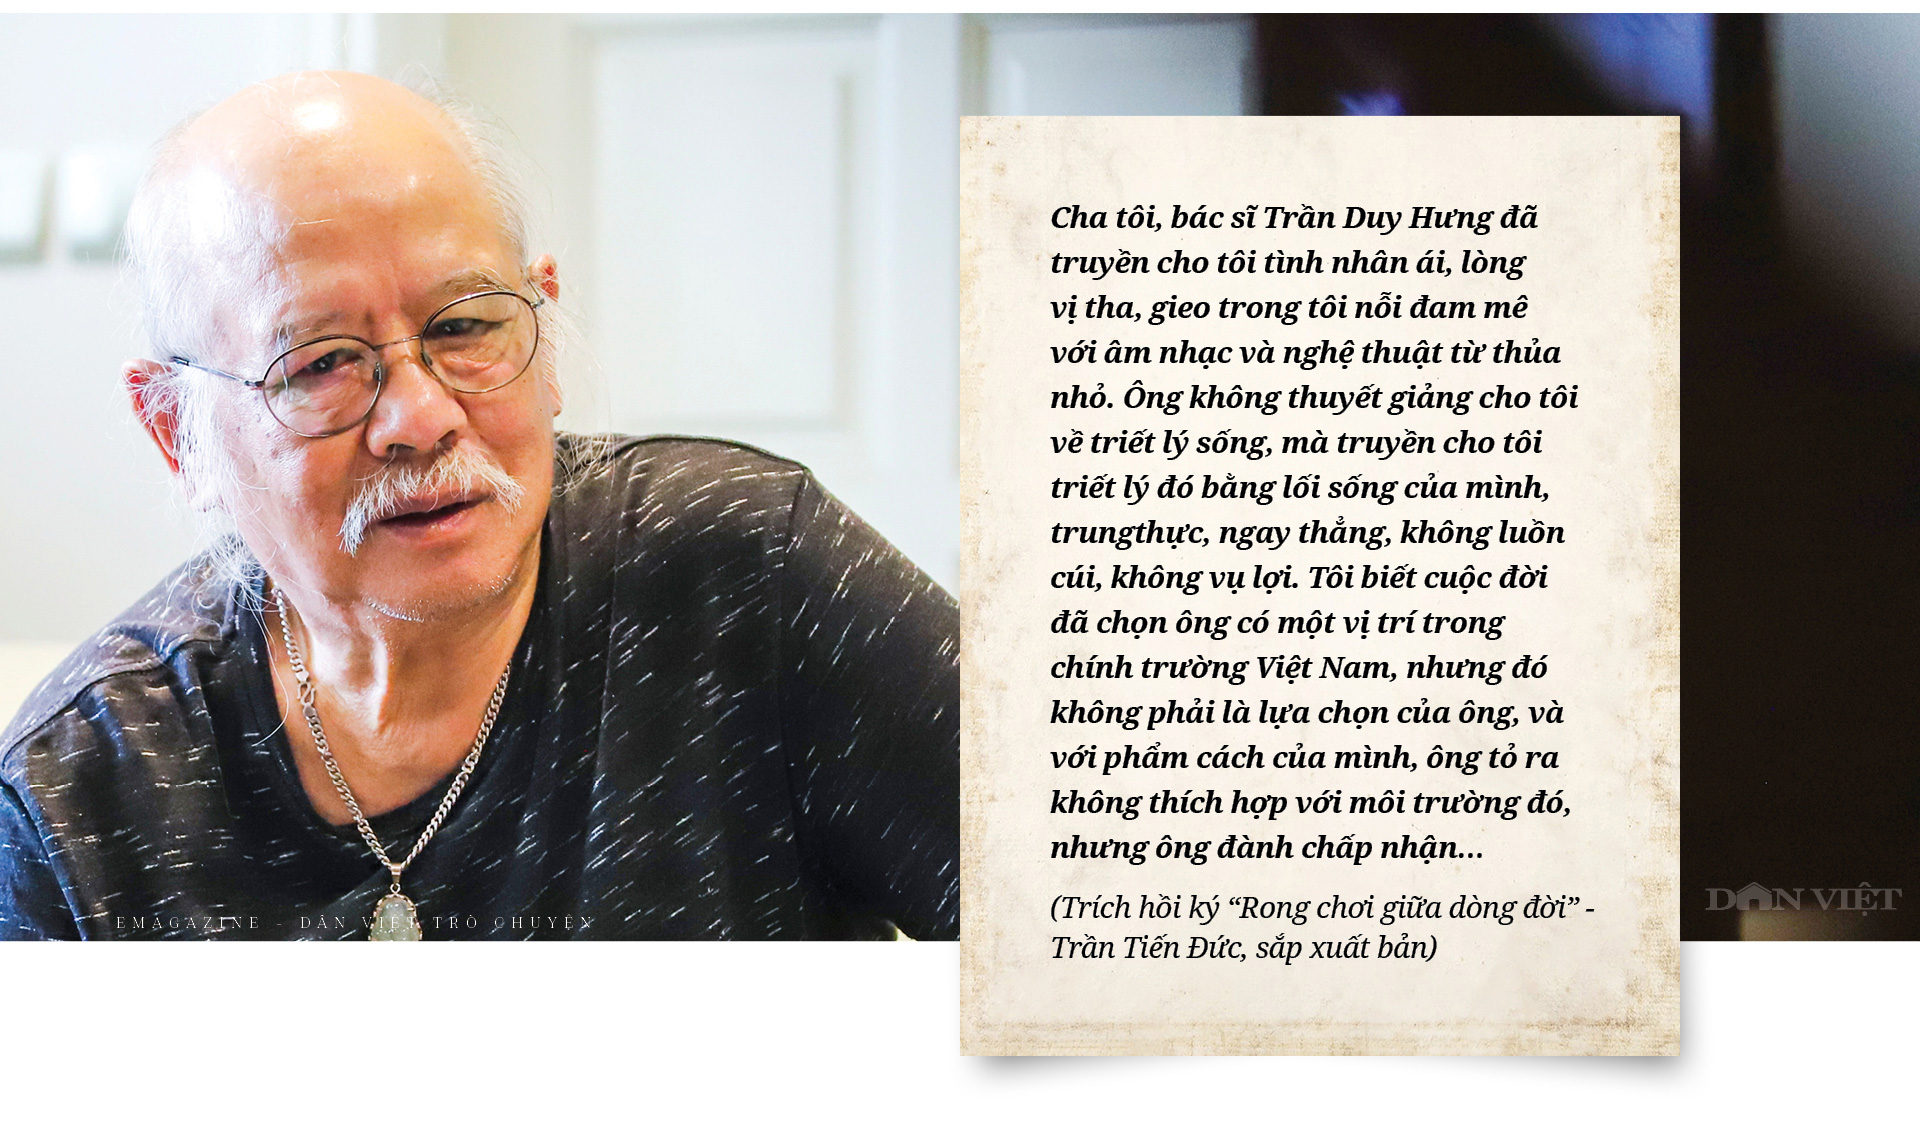 Bác sĩ Trần Duy Hưng – thị trưởng Hà Nội đầu tiên và lâu năm nhất - Ảnh 22.